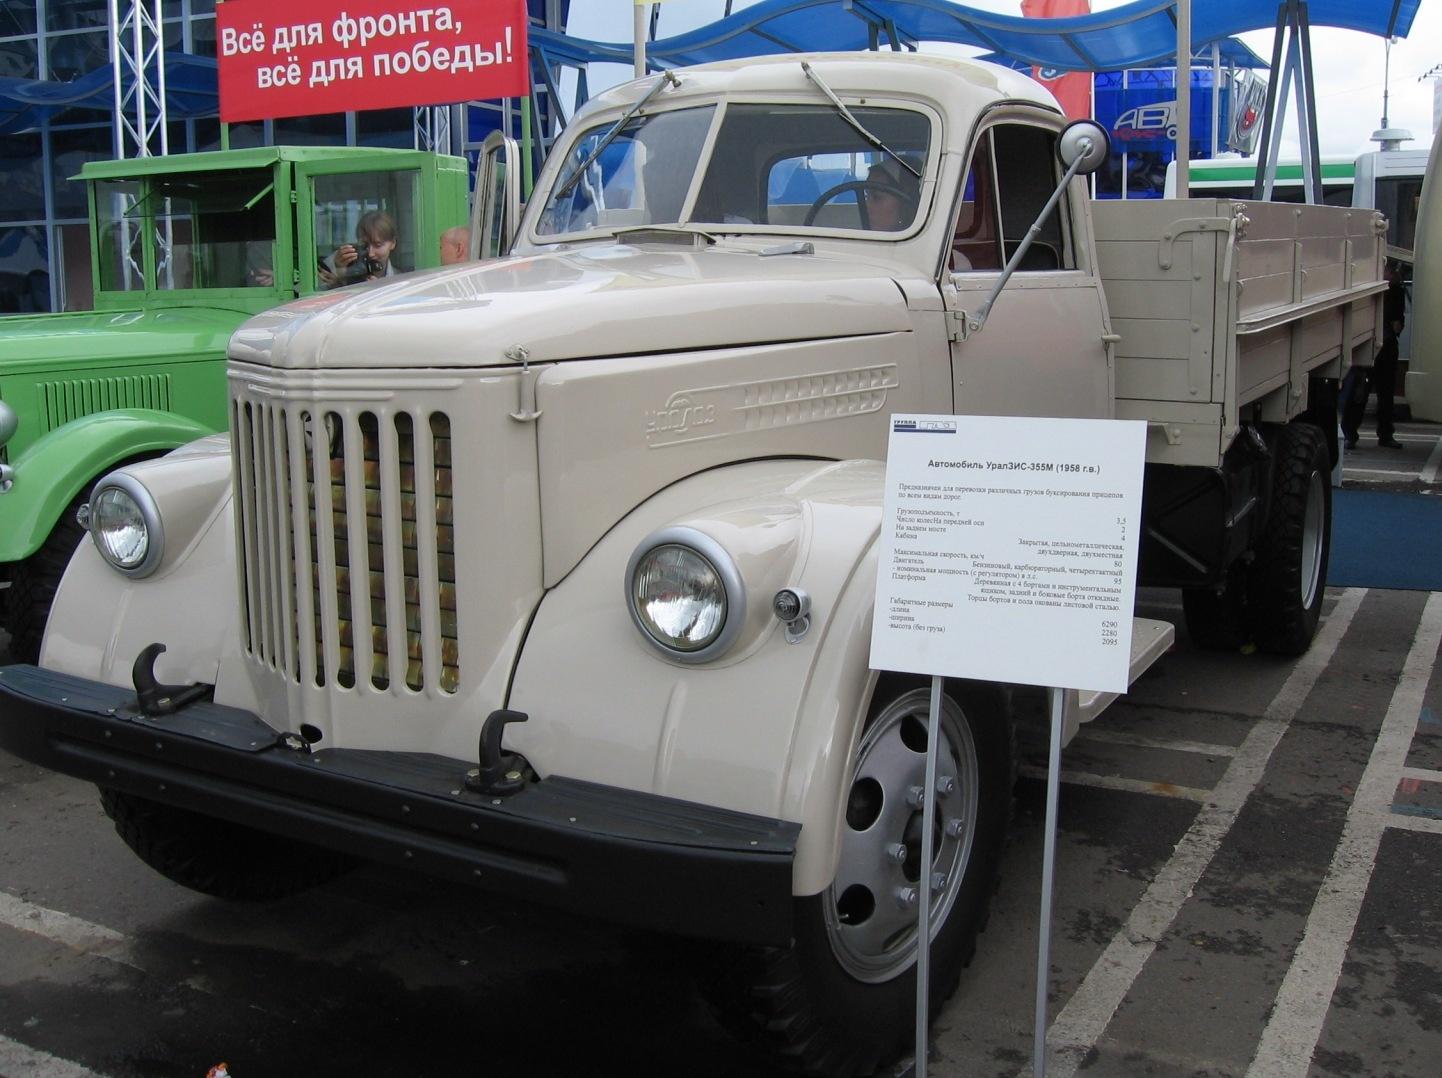 УльЗИС-253